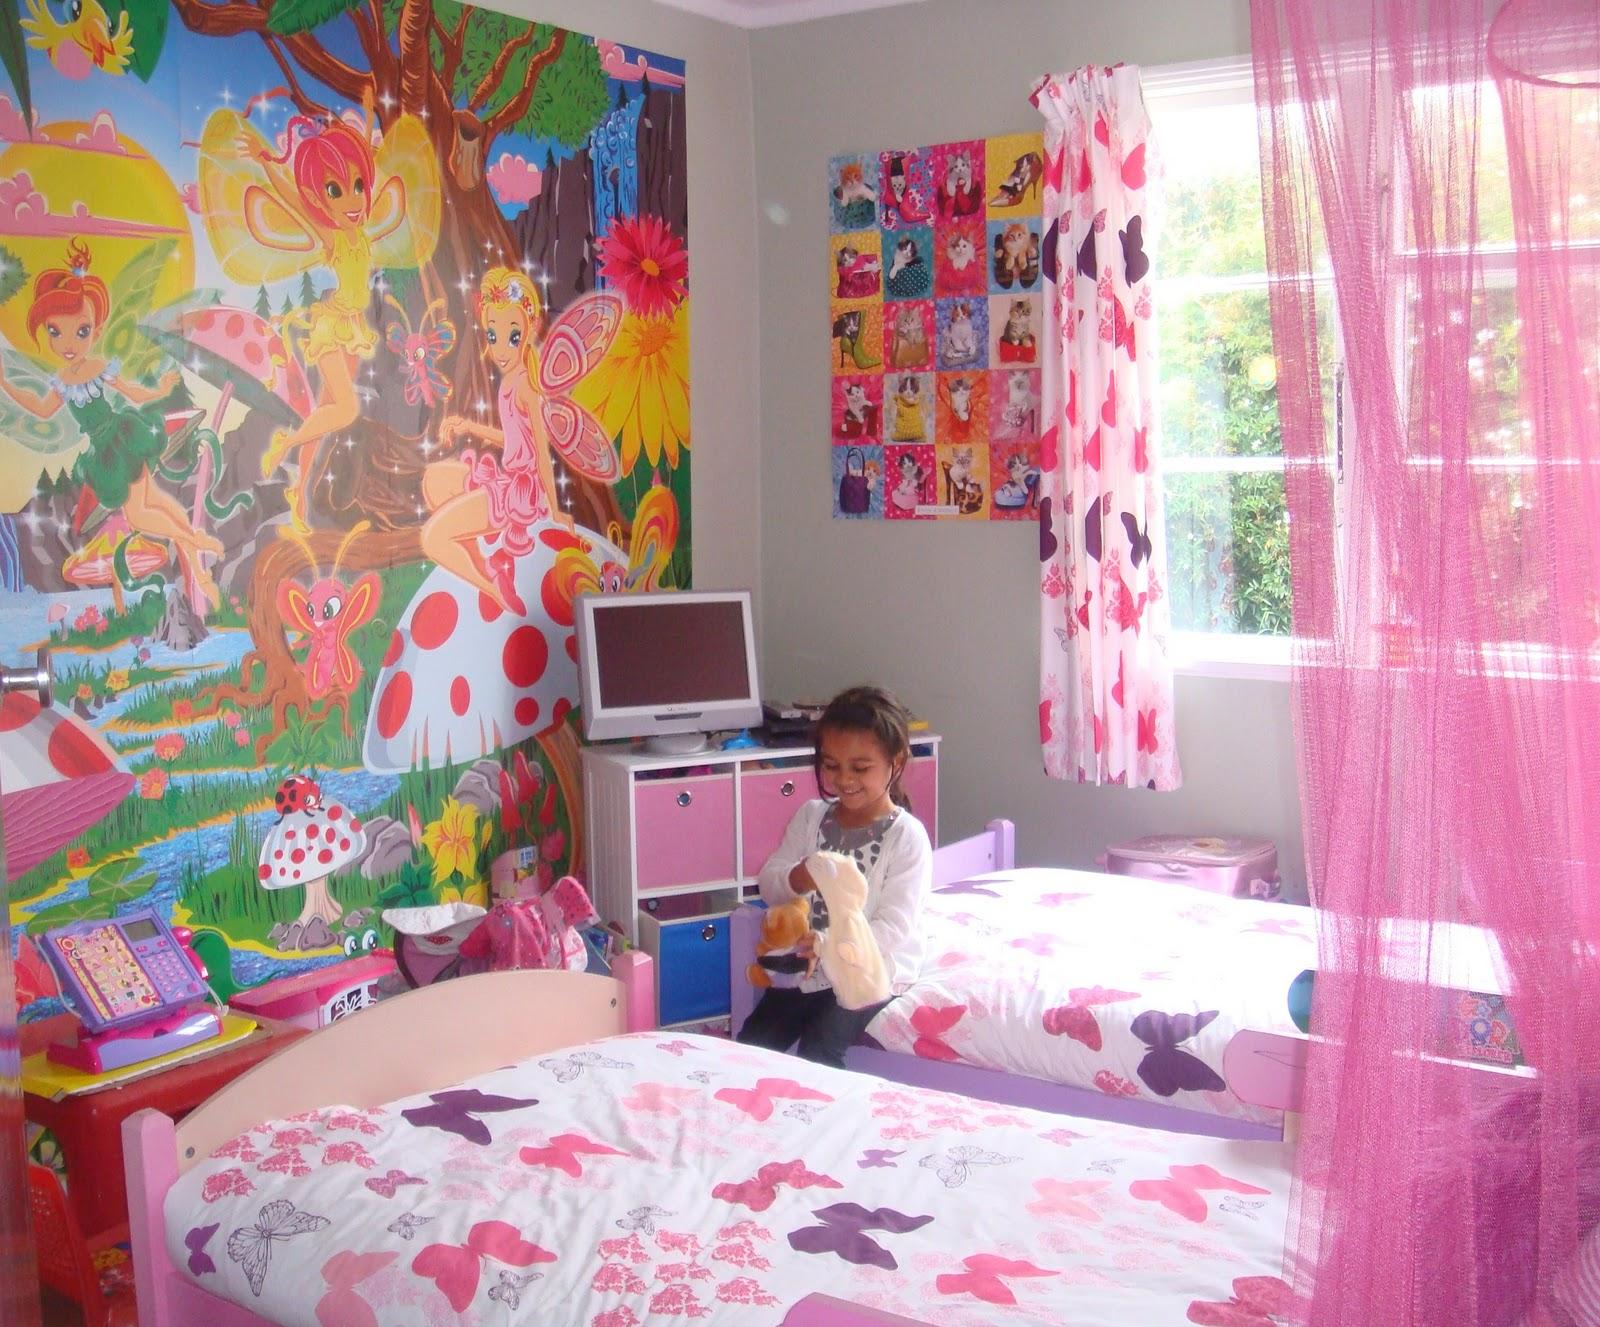 Cadlow vape world share your wall mural for Cadlow mural world